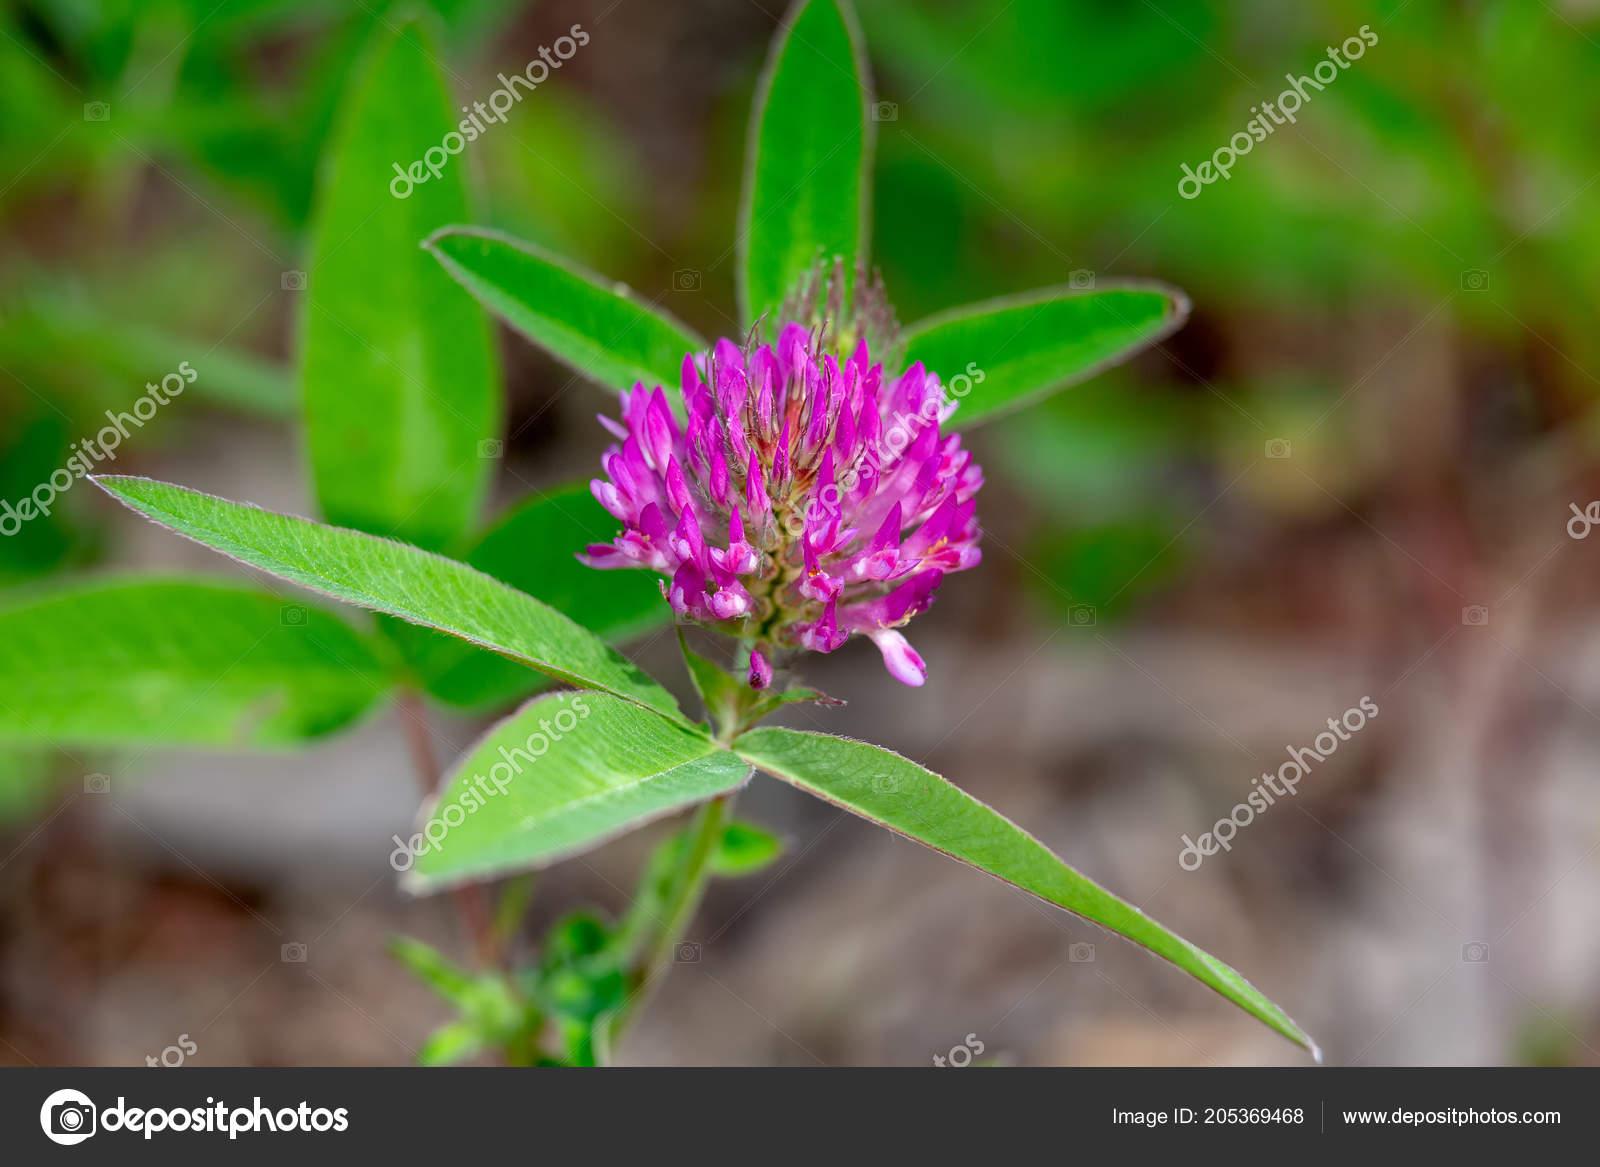 Fleur De Trefle Rouge Sur Fond Vert Photographie Lana137 C 205369468